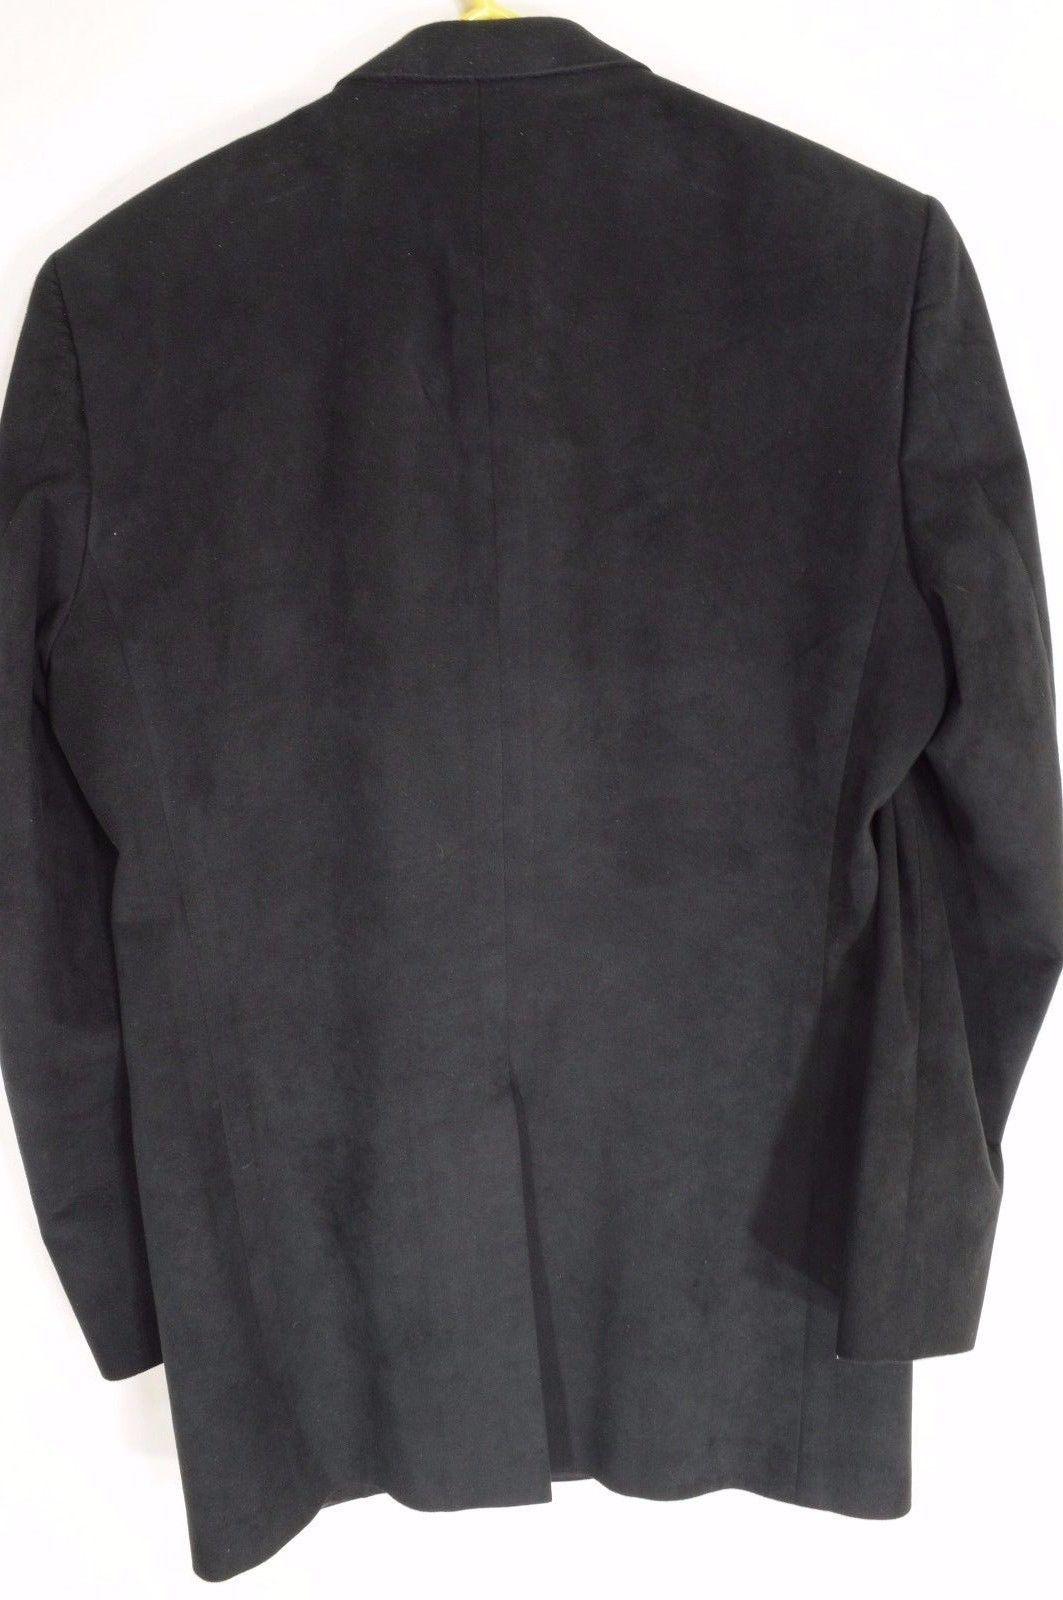 1 Kepp's Men Shops evening coat black 42L ultrasuede handcraft USA holiday.